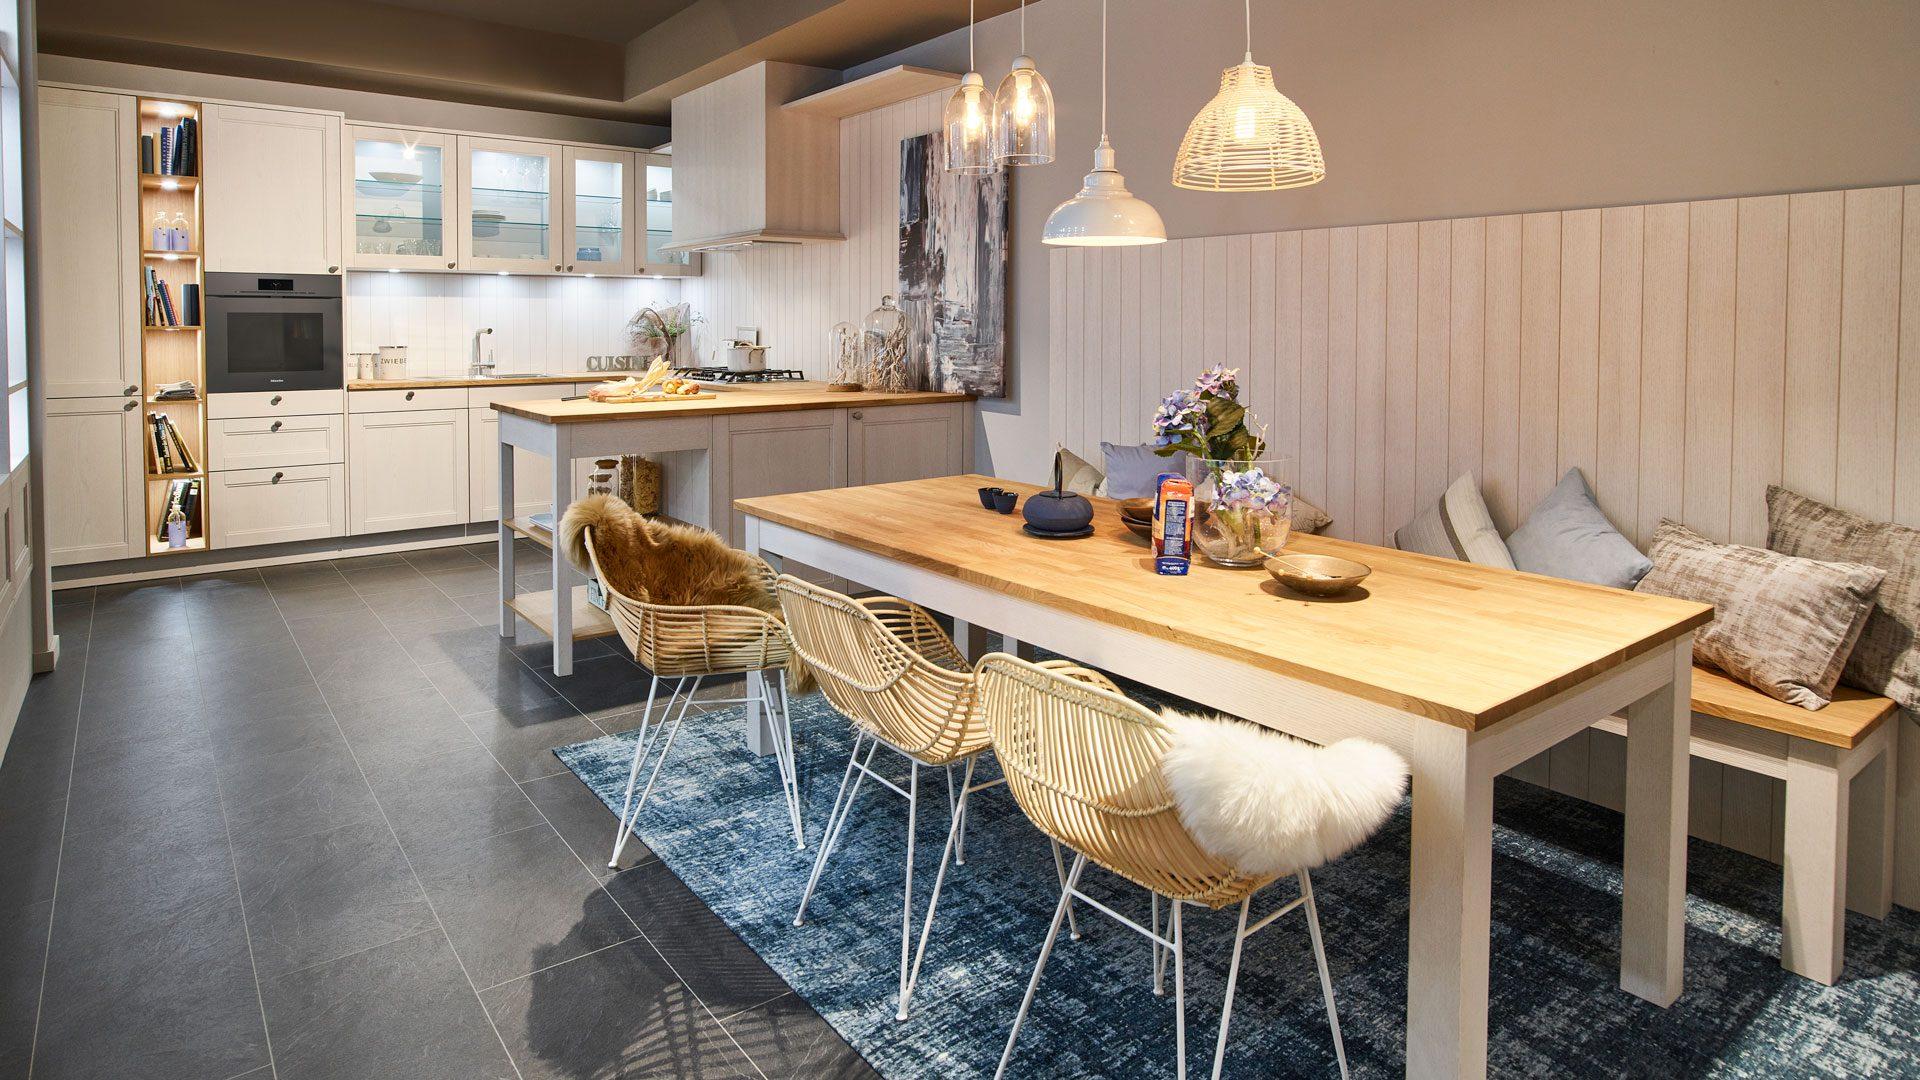 Кухня в деревенском стиле.jpg